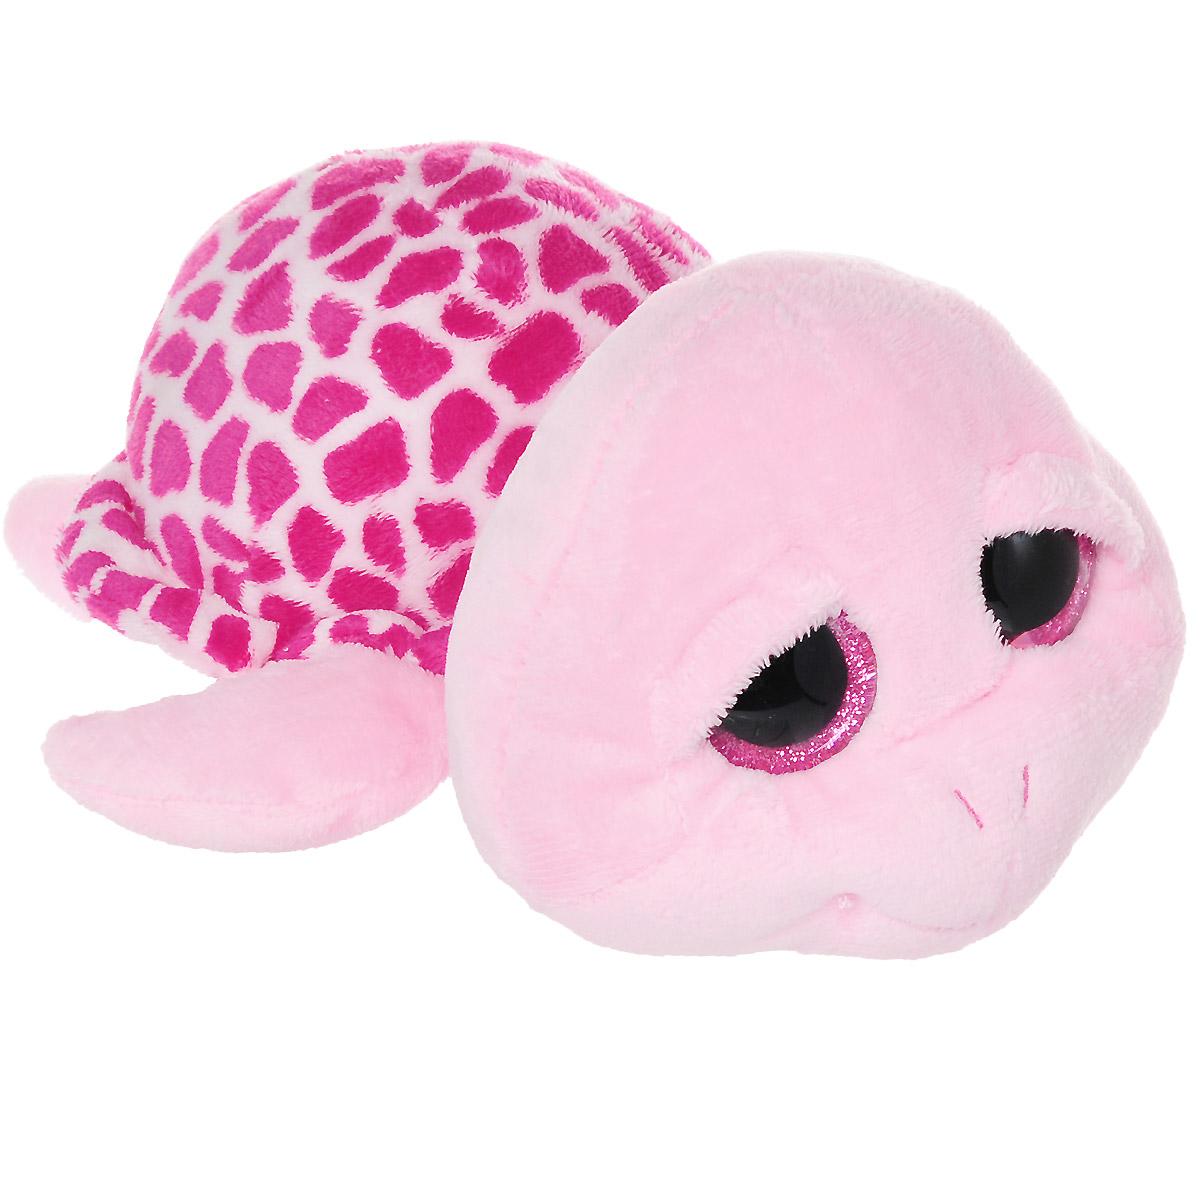 TY Мягкая игрушка Черепашка Zippy цвет розовый малиновый 24 см36990Очаровательная мягкая игрушка Beanie Boos Черепашка Zippy, выполненная в виде милой черепашки с большими глазками, вызовет умиление и улыбку у каждого, кто ее увидит. Она станет замечательным подарком, как ребенку, так и взрослому. Удивительно мягкая игрушка принесет радость и подарит своему обладателю мгновения нежных объятий и приятных воспоминаний. Специальные гранулы, используемые при ее набивке, способствуют развитию мелкой моторики рук малыша. Великолепное качество исполнения делают эту игрушку чудесным подарком к любому празднику.